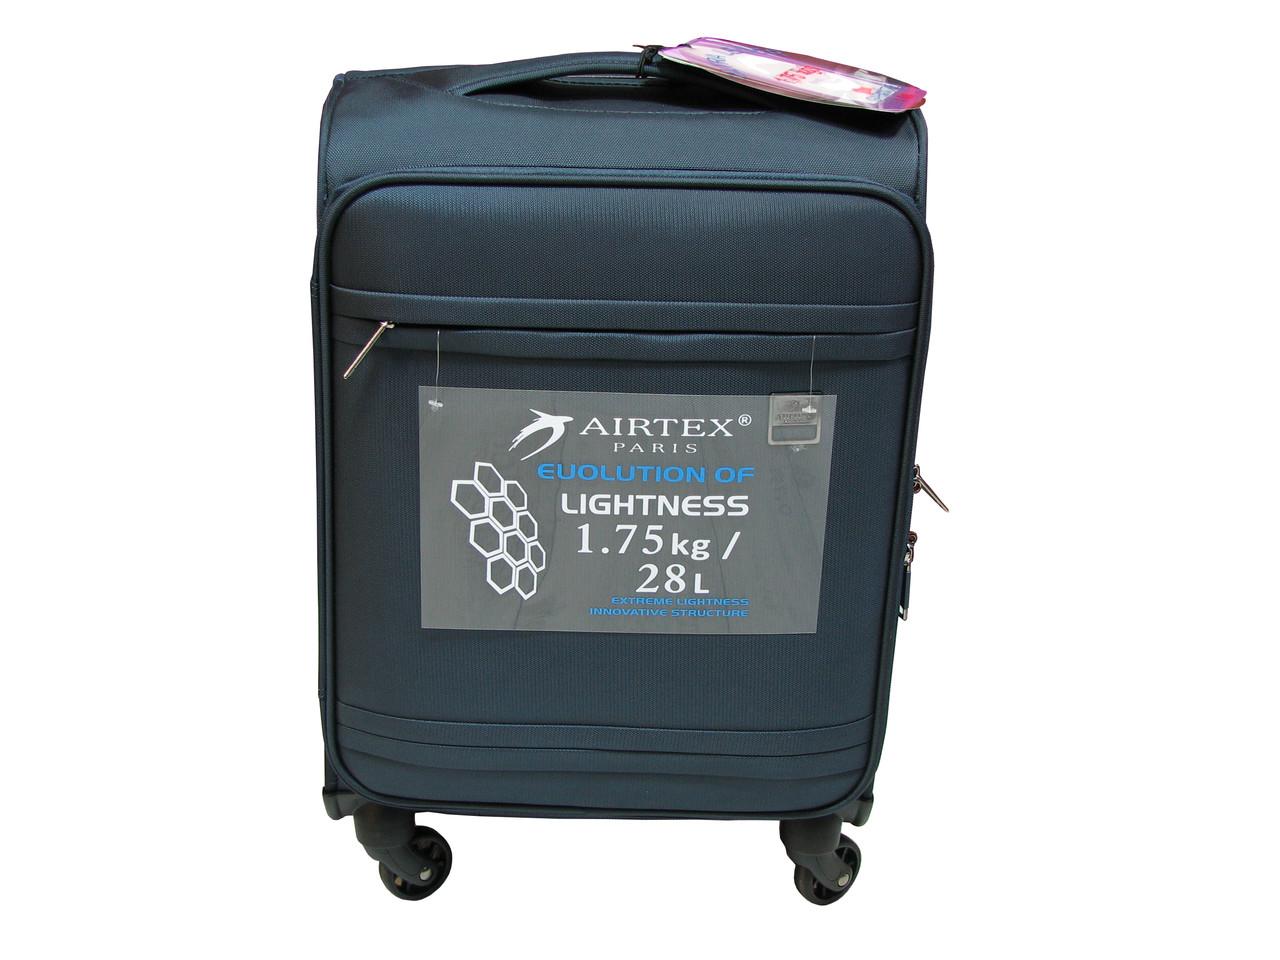 Ультра легкий чемодан малого размера на 4-х колесах (под ручную кладь). 1805defb2f4